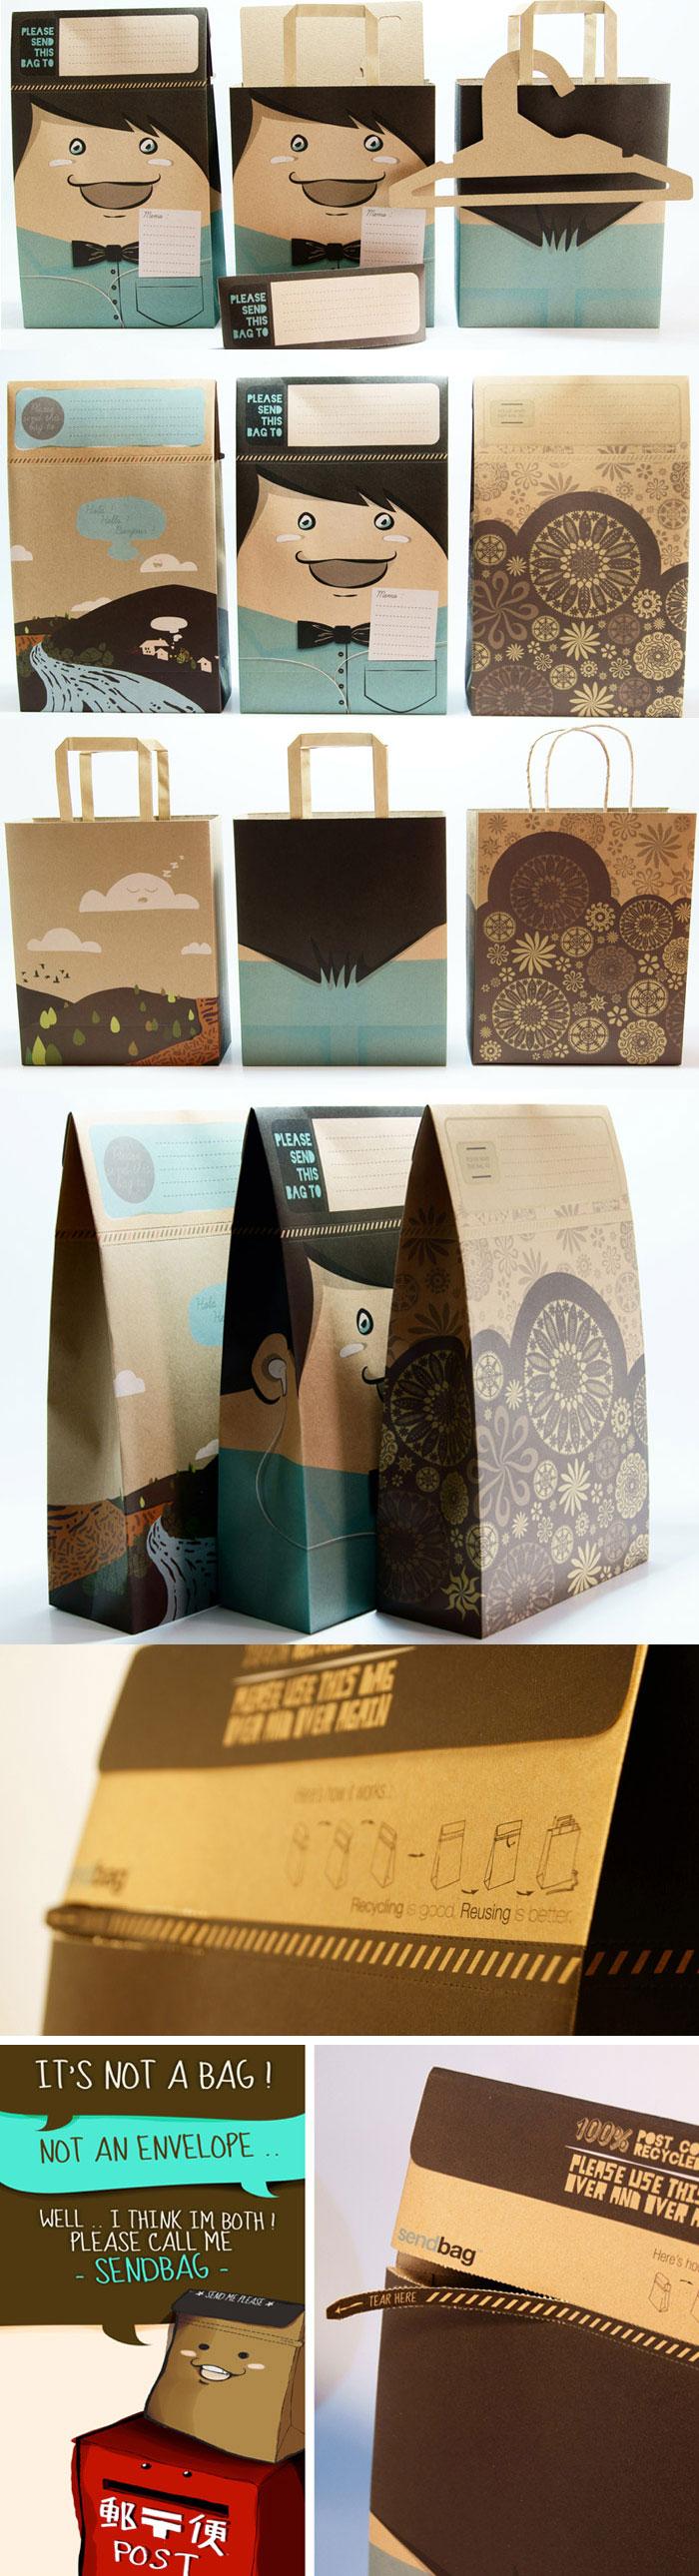 Sendbag is a multi-purpose craft paper bag designed by Multipack Sentra Perkasa